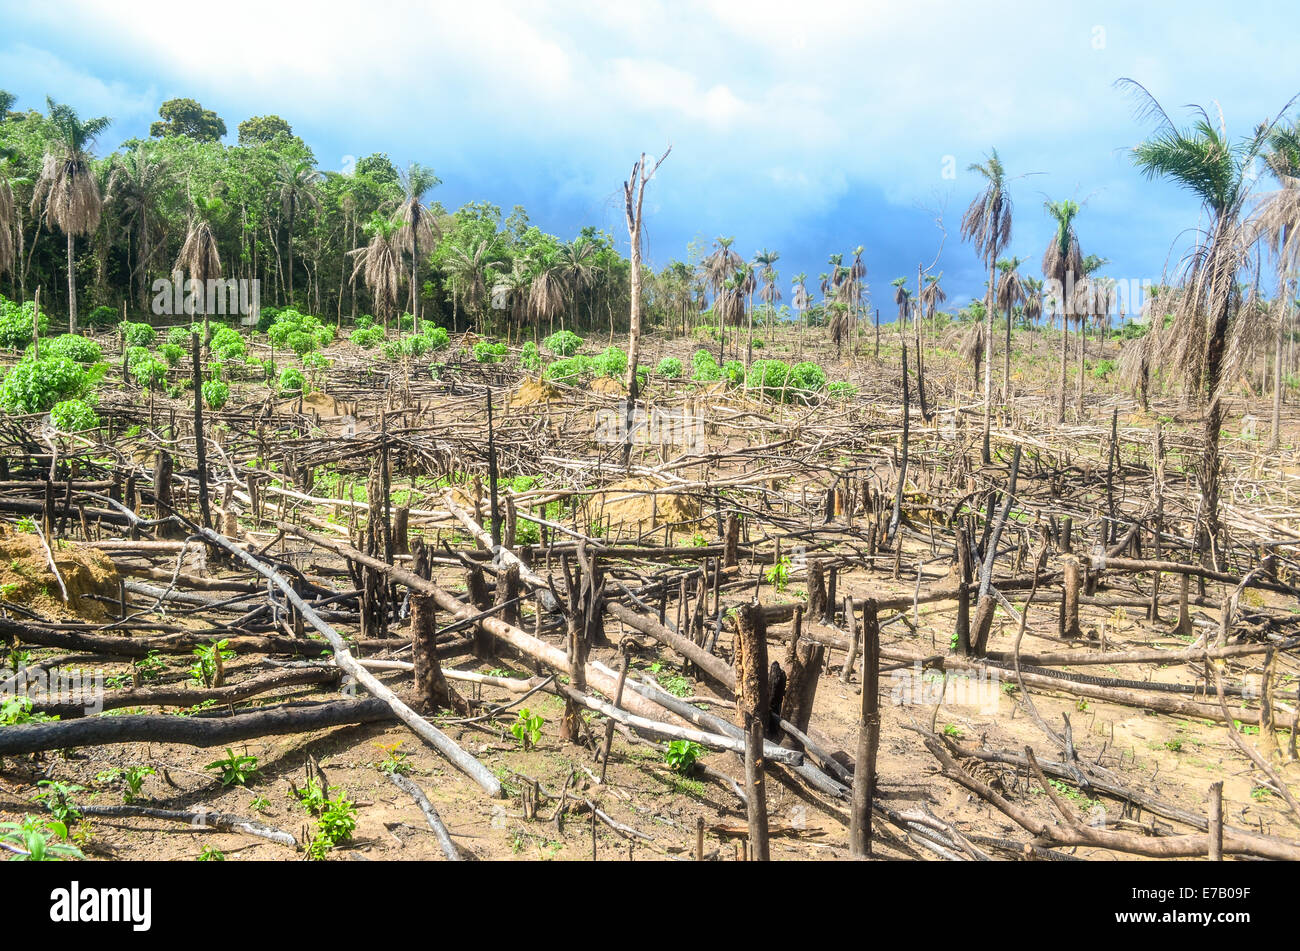 La deforestazione in Africa, legno massiccio logging in Sierra Leone Immagini Stock